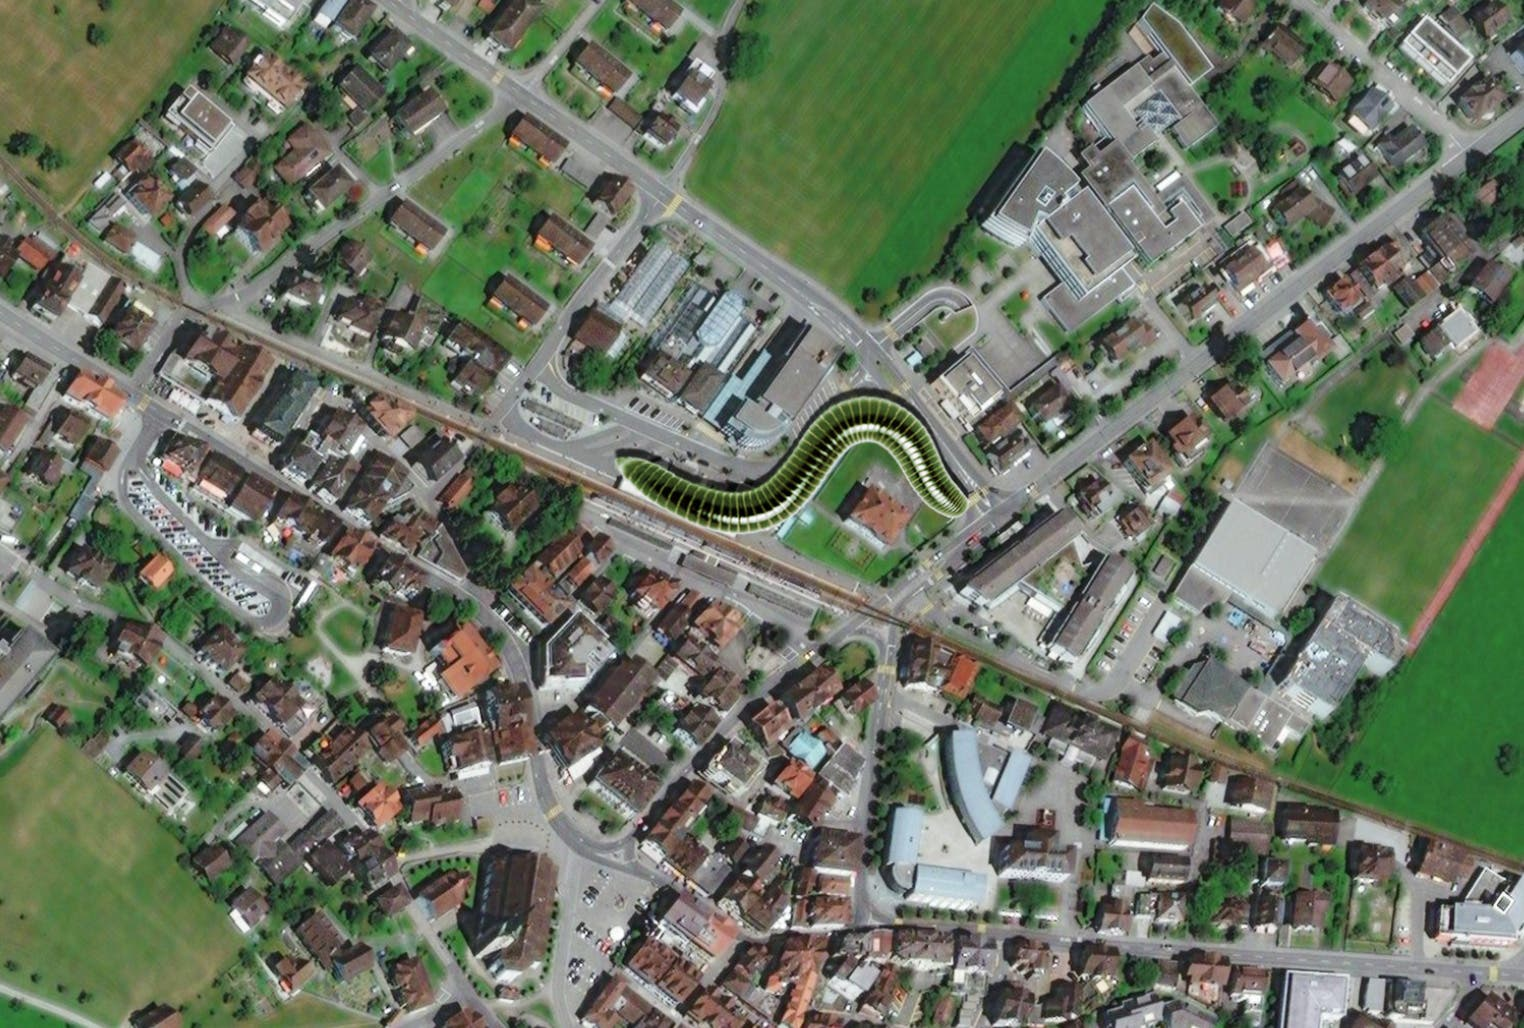 Lage der neuen Überbauung im Bahnhofsareal. Bei dieser Idee wäre Land des Kantons, der Post und der Zentralbahn betroffen. (Visualisierung: PD)